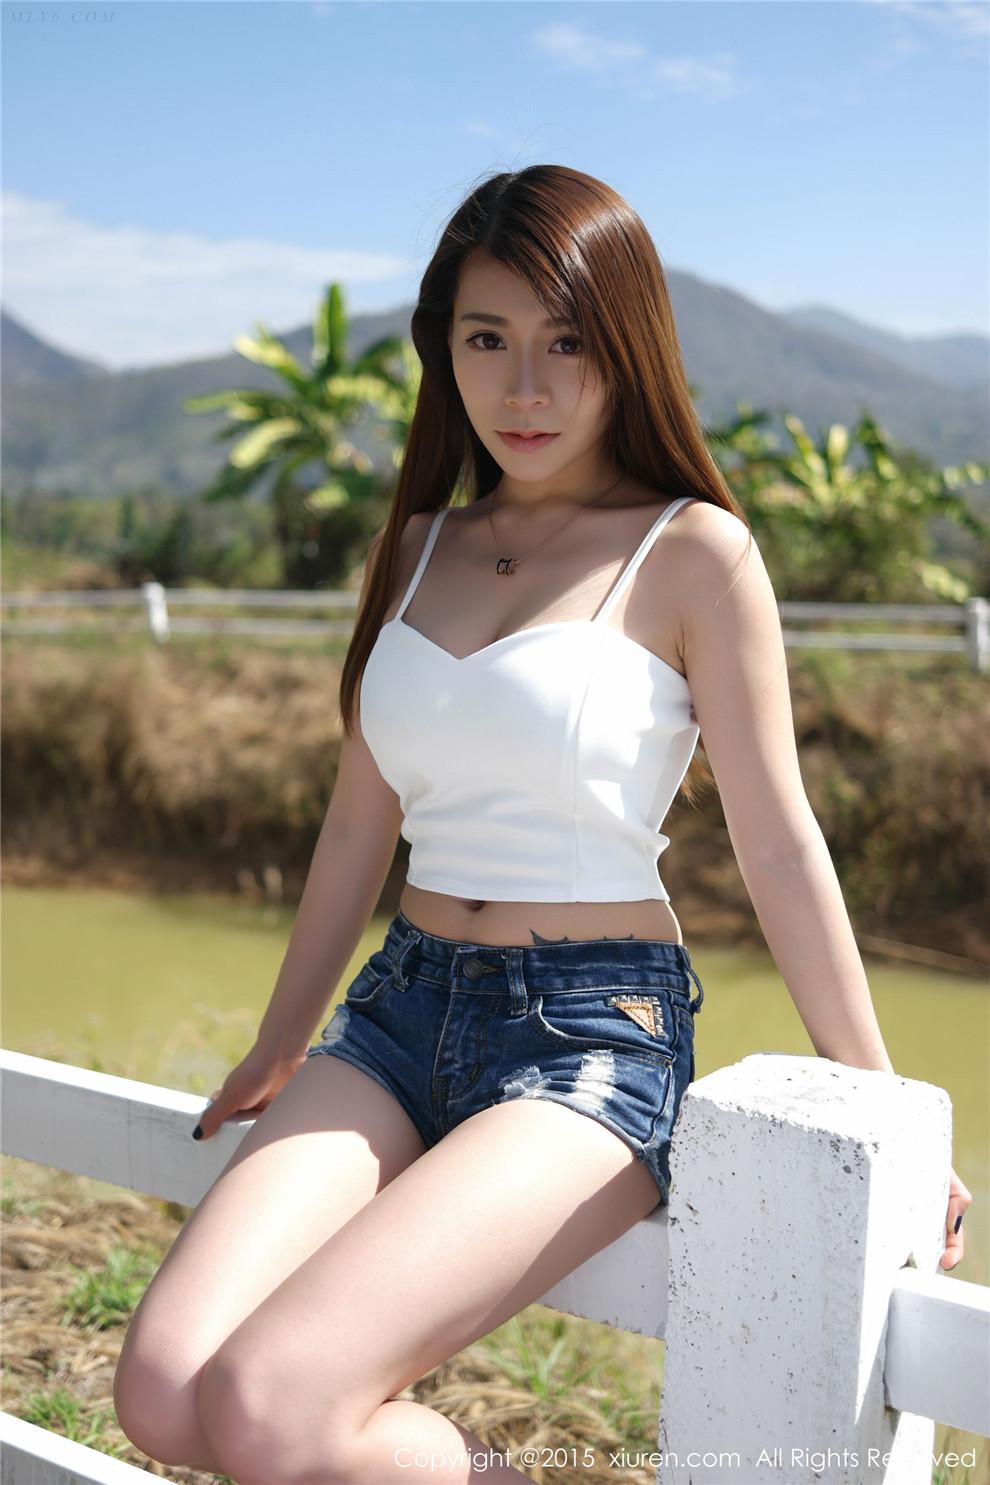 292 小清新系列 泰国旅拍 Vetiver嘉宝贝儿[51P][19.3MB]